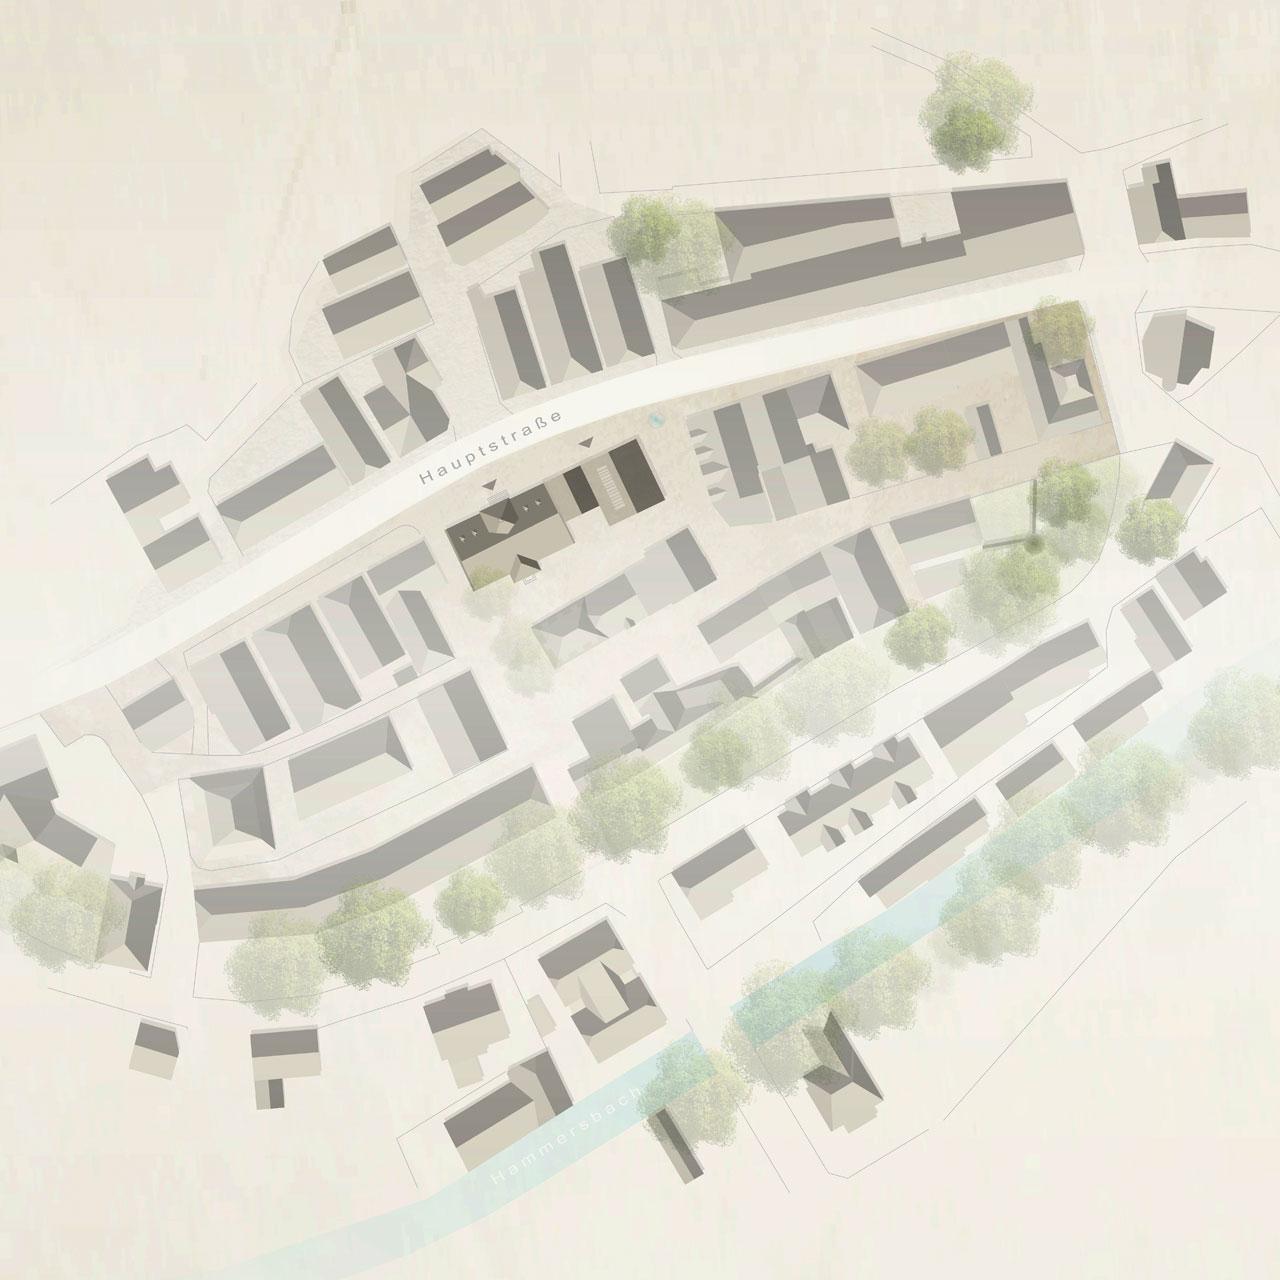 Wettbewerb Erweiterung Rathaus Zell am Hammersbach, Lageplan